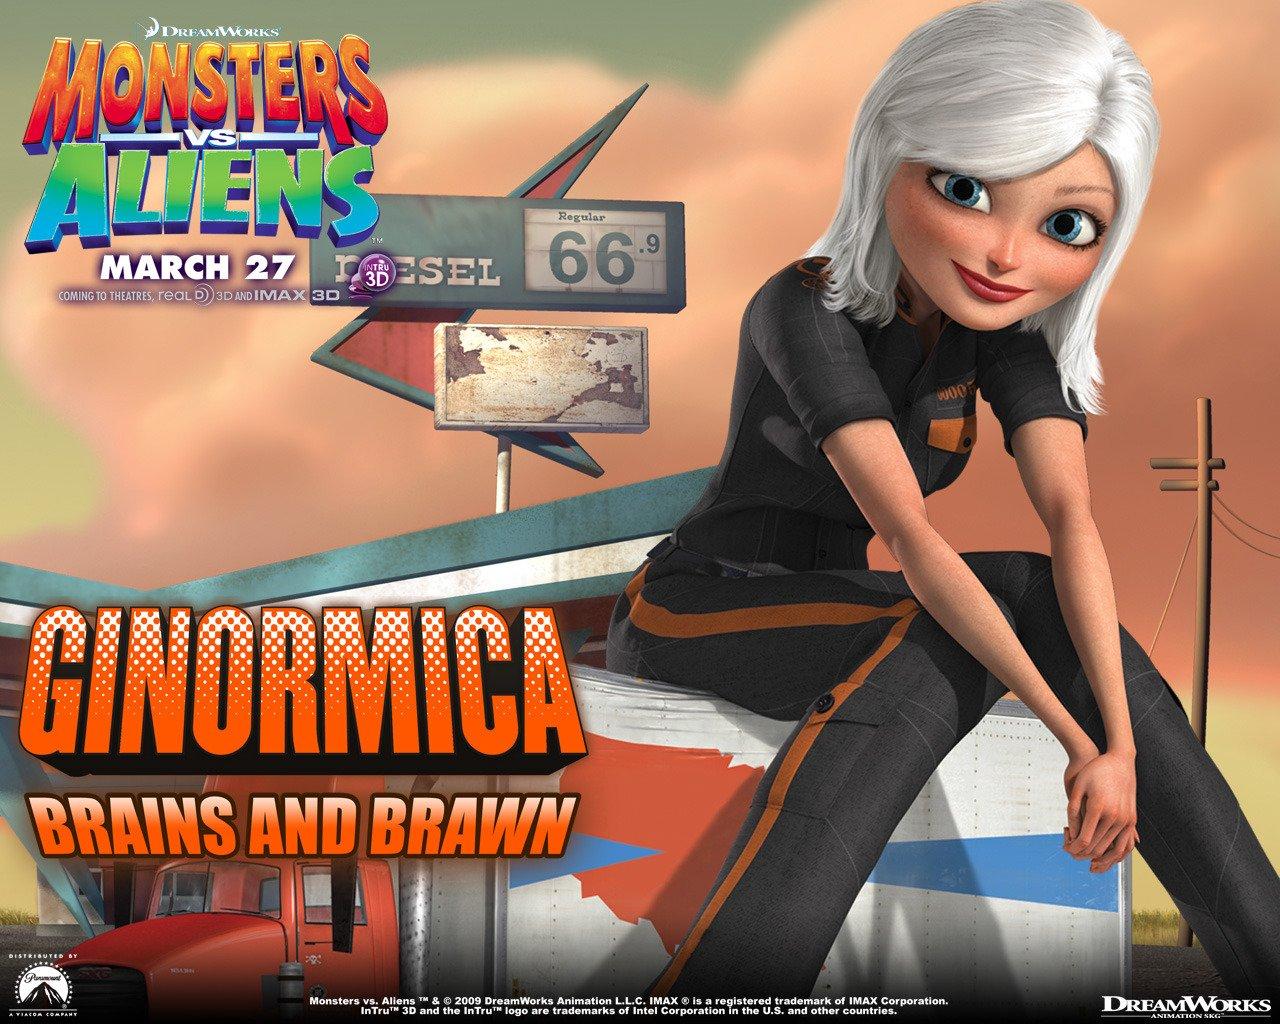 Monsters vs aliens movies